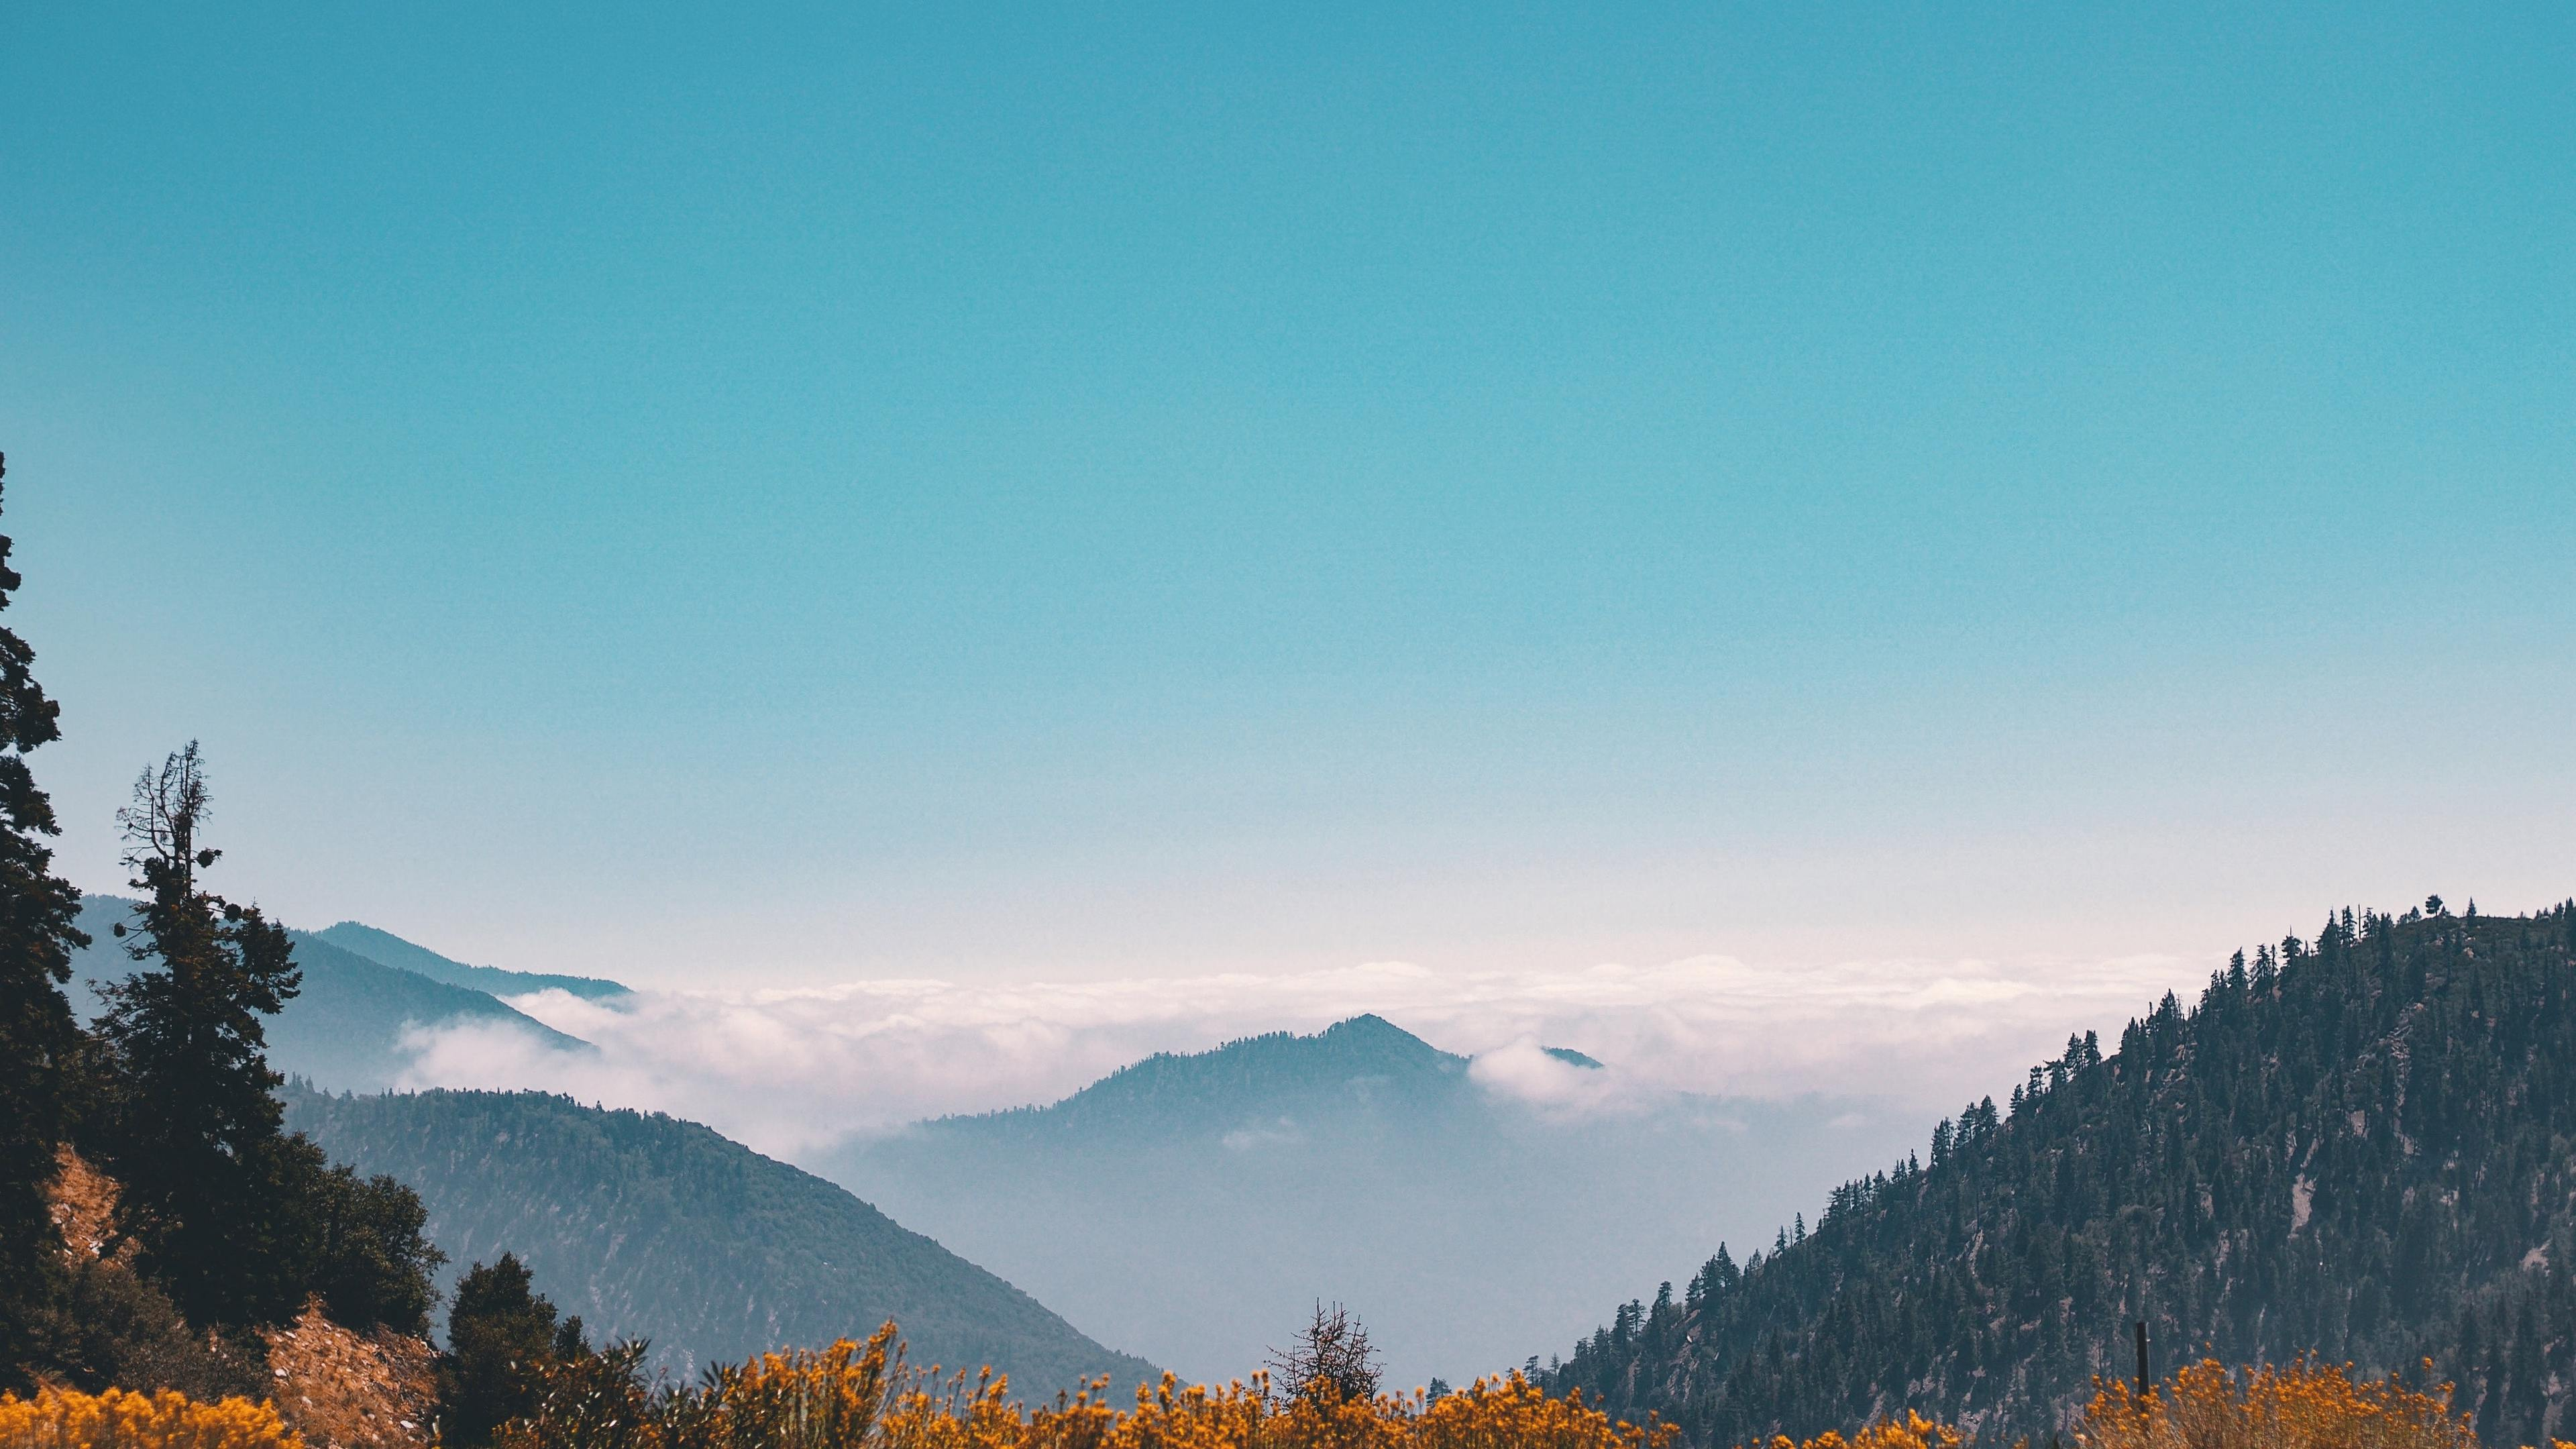 Wallpaper 4k Beautiful Landscape Mountains 4k 4k Wallpapers Hd